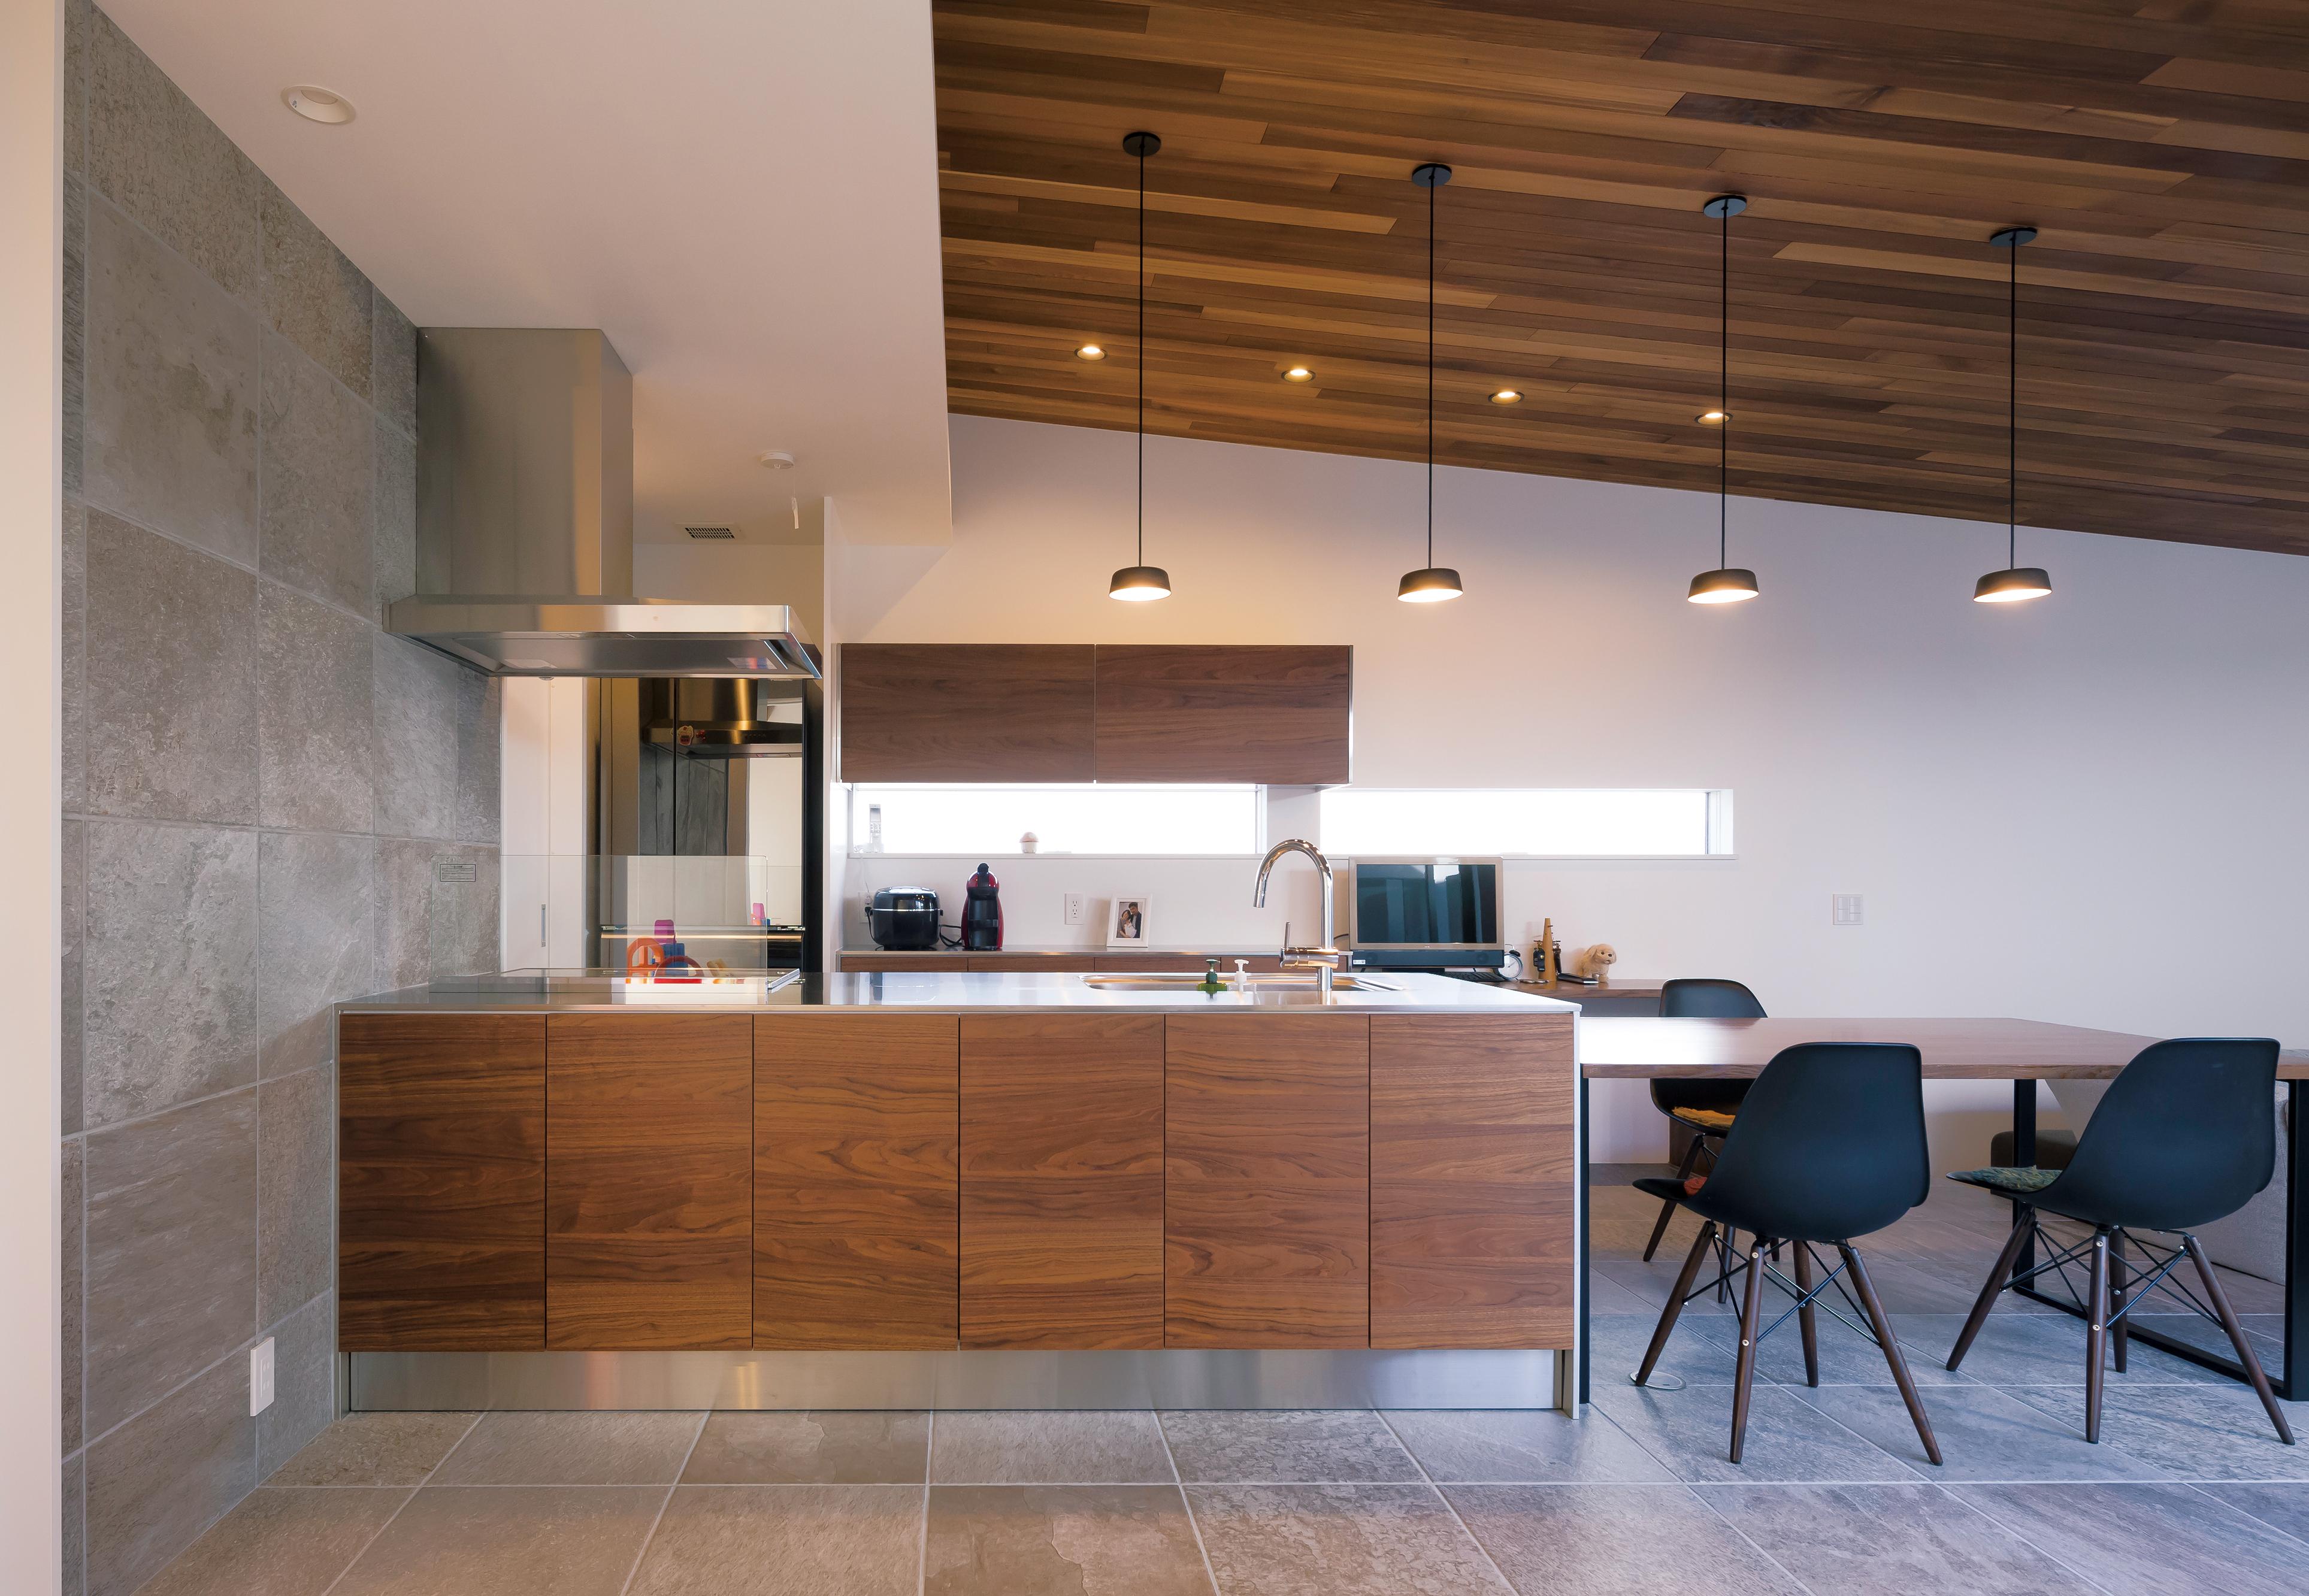 MABUCHI【デザイン住宅、間取り、建築家】モダンな空間に映えるおしゃれなキッチン。2WAYのパントリーは家事の時短に貢献